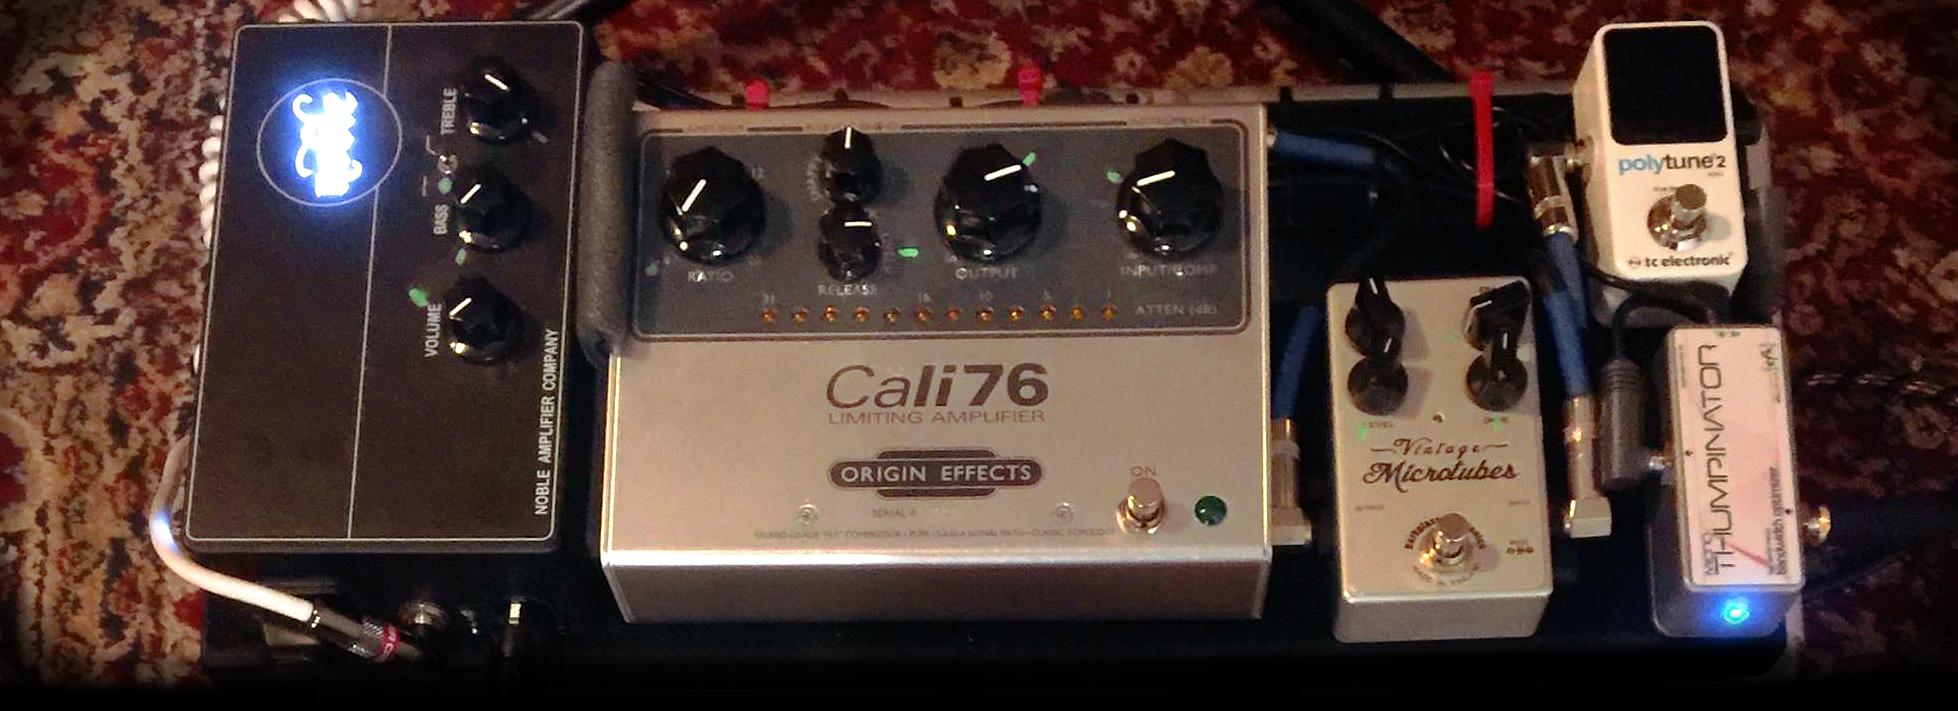 Matt Littell pedalboard readers origin effects cali76 tx compressor pedal